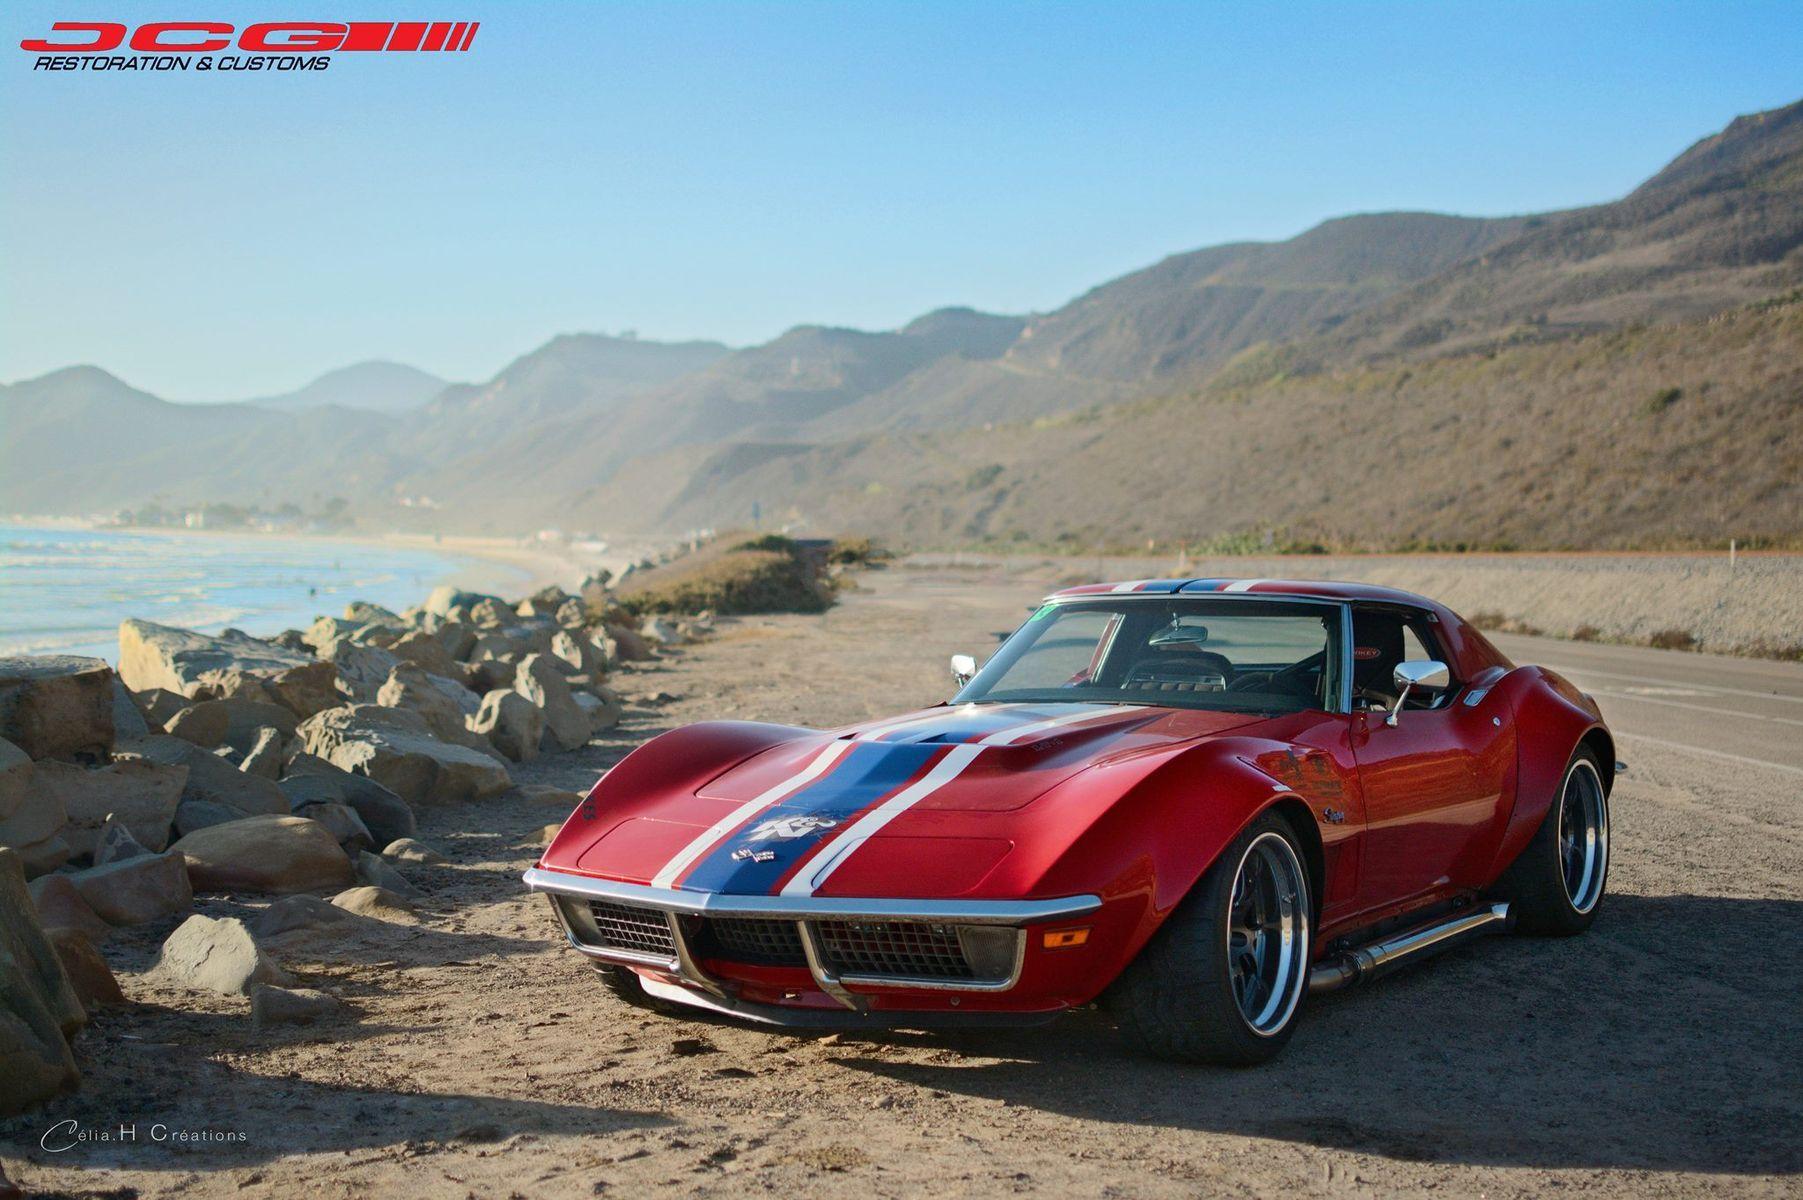 1970 Chevrolet Corvette Stingray | JCG Corvette on Forgeline GA3R Wheels